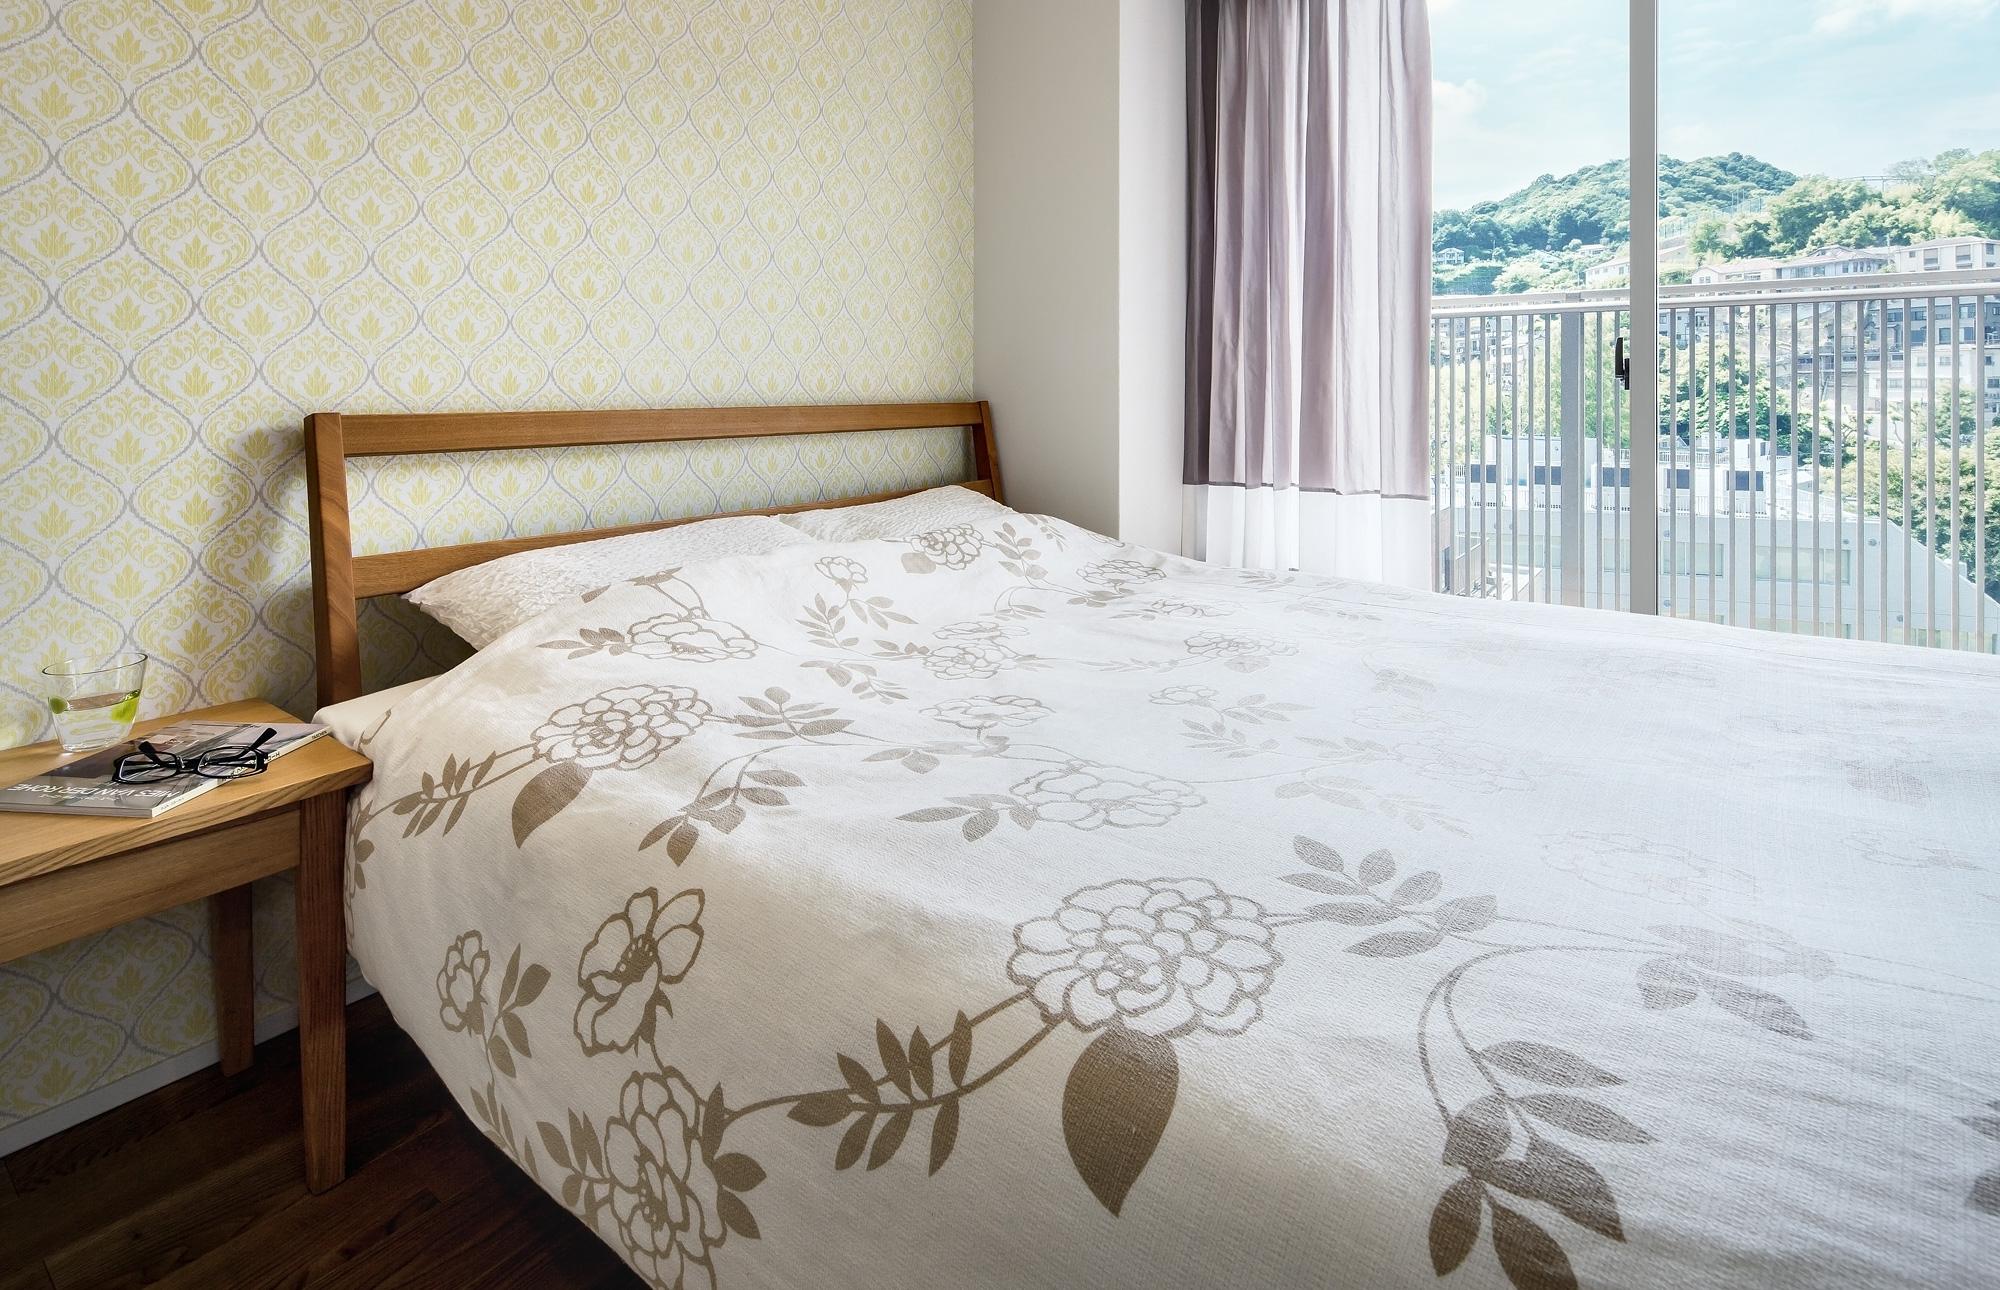 寝室: 壁面にはフランス製紙クロス。お気に入りに囲まれた心地よい空間